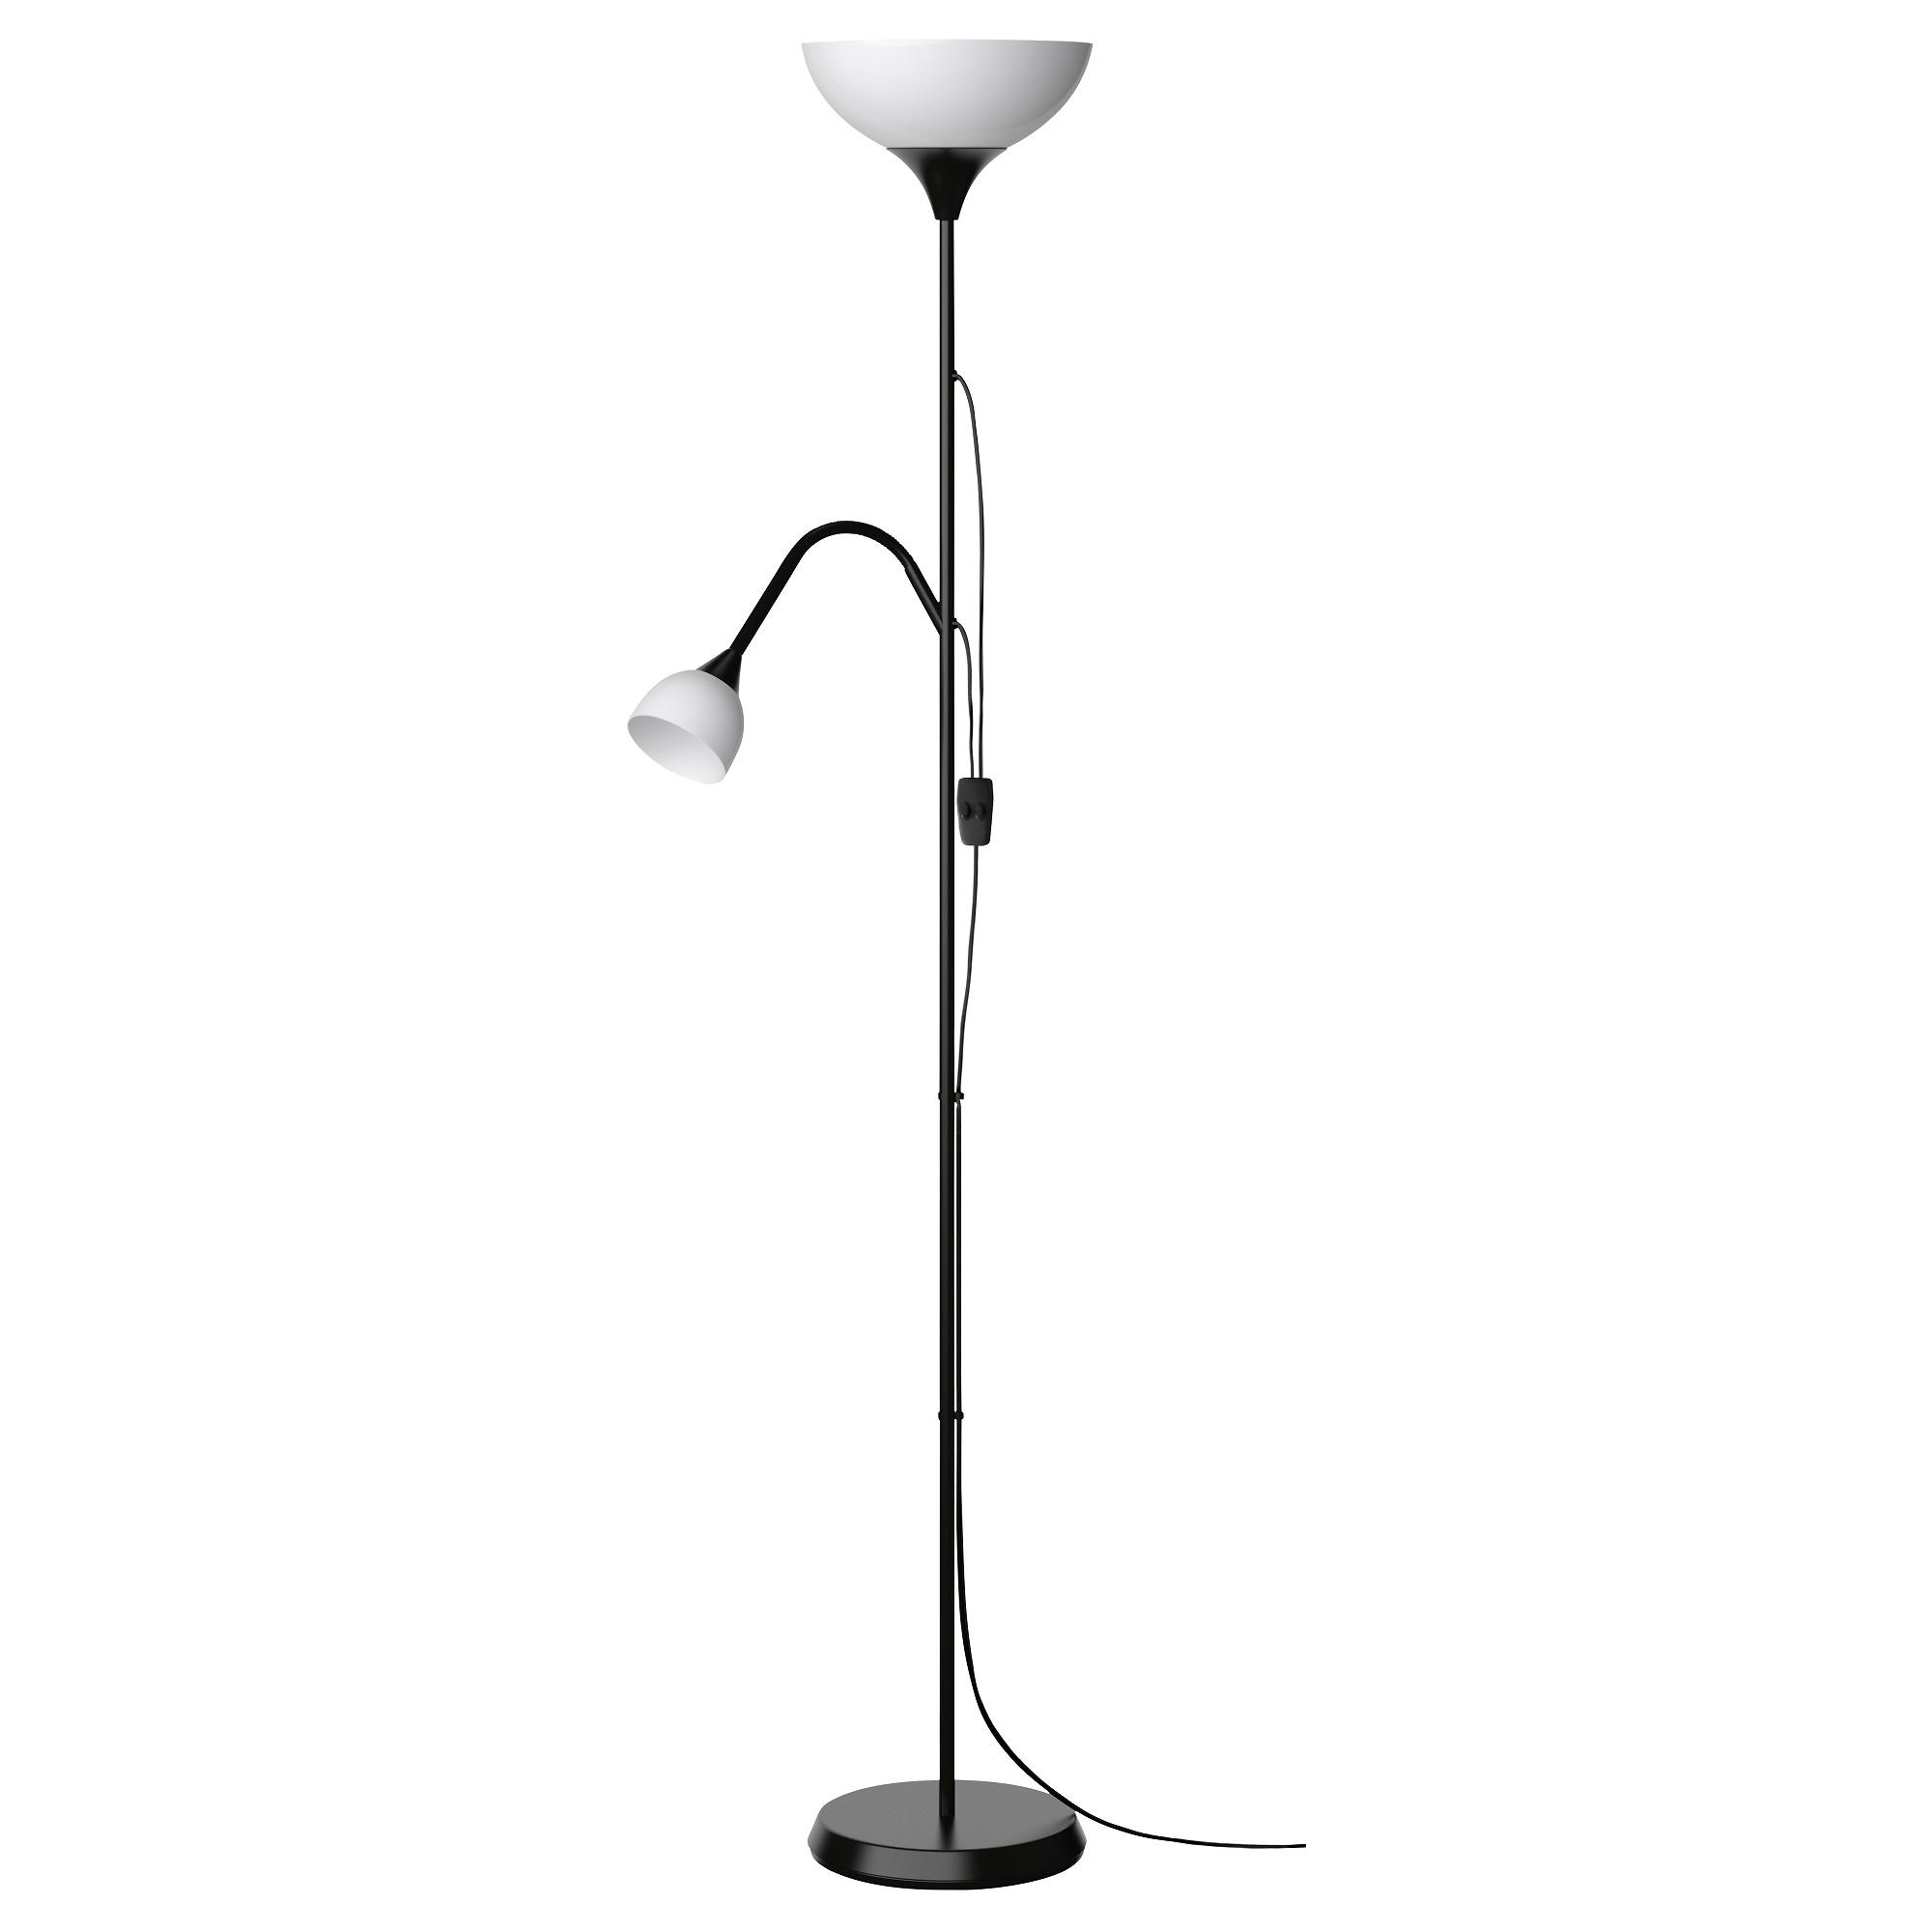 Торшер, лампа для чтения НУТ белый артикуль № 603.246.76 в наличии. Online магазин IKEA Беларусь. Недорогая доставка и соборка.